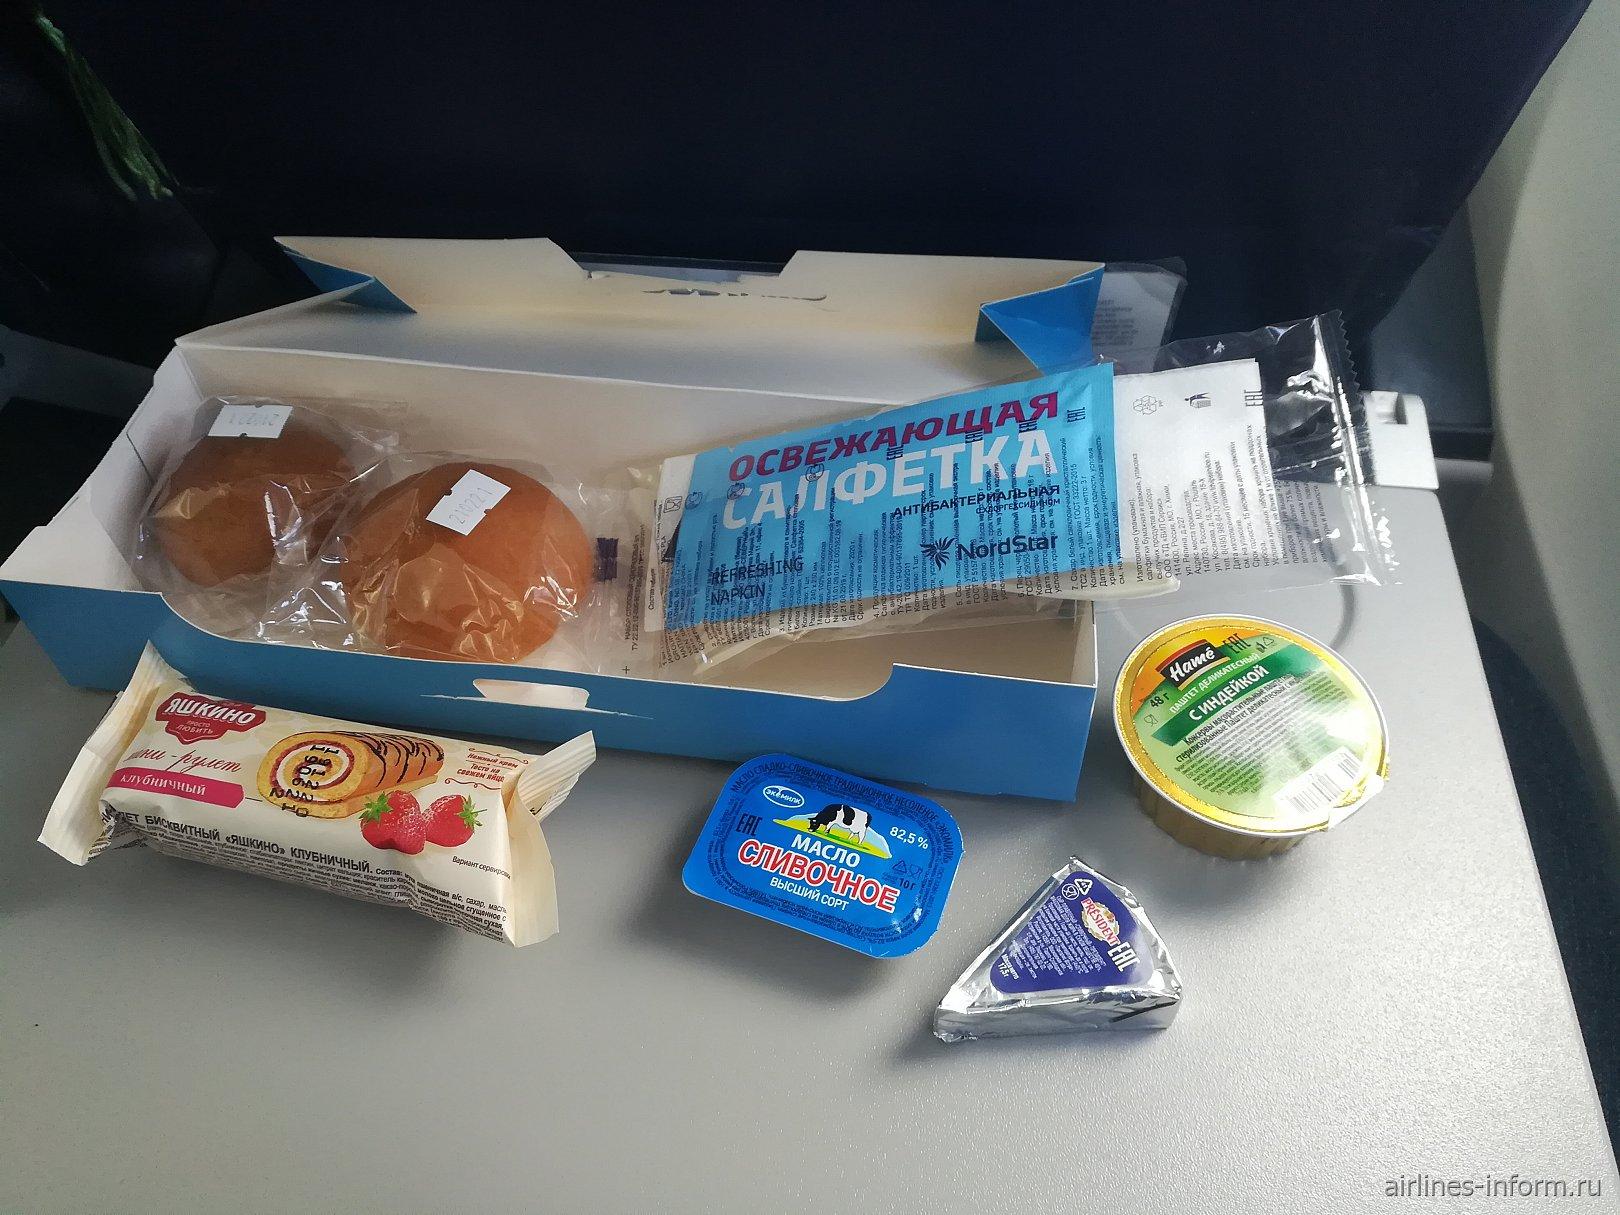 Бортовое питание на рейсе Братск-Чита авиакомпании NordStar